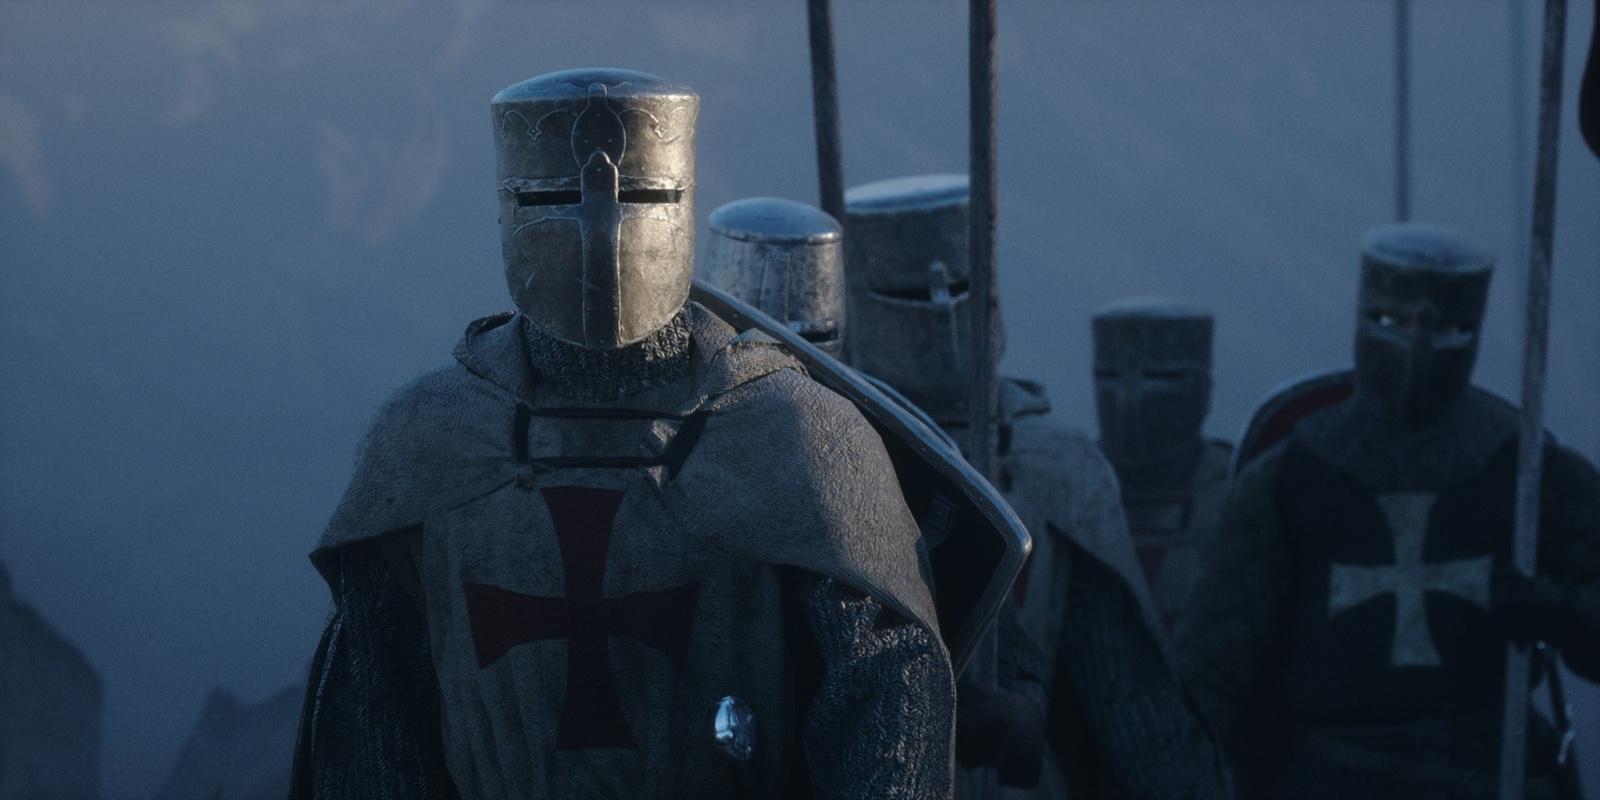 Защищали ли кольчуги рыцарей? - 1